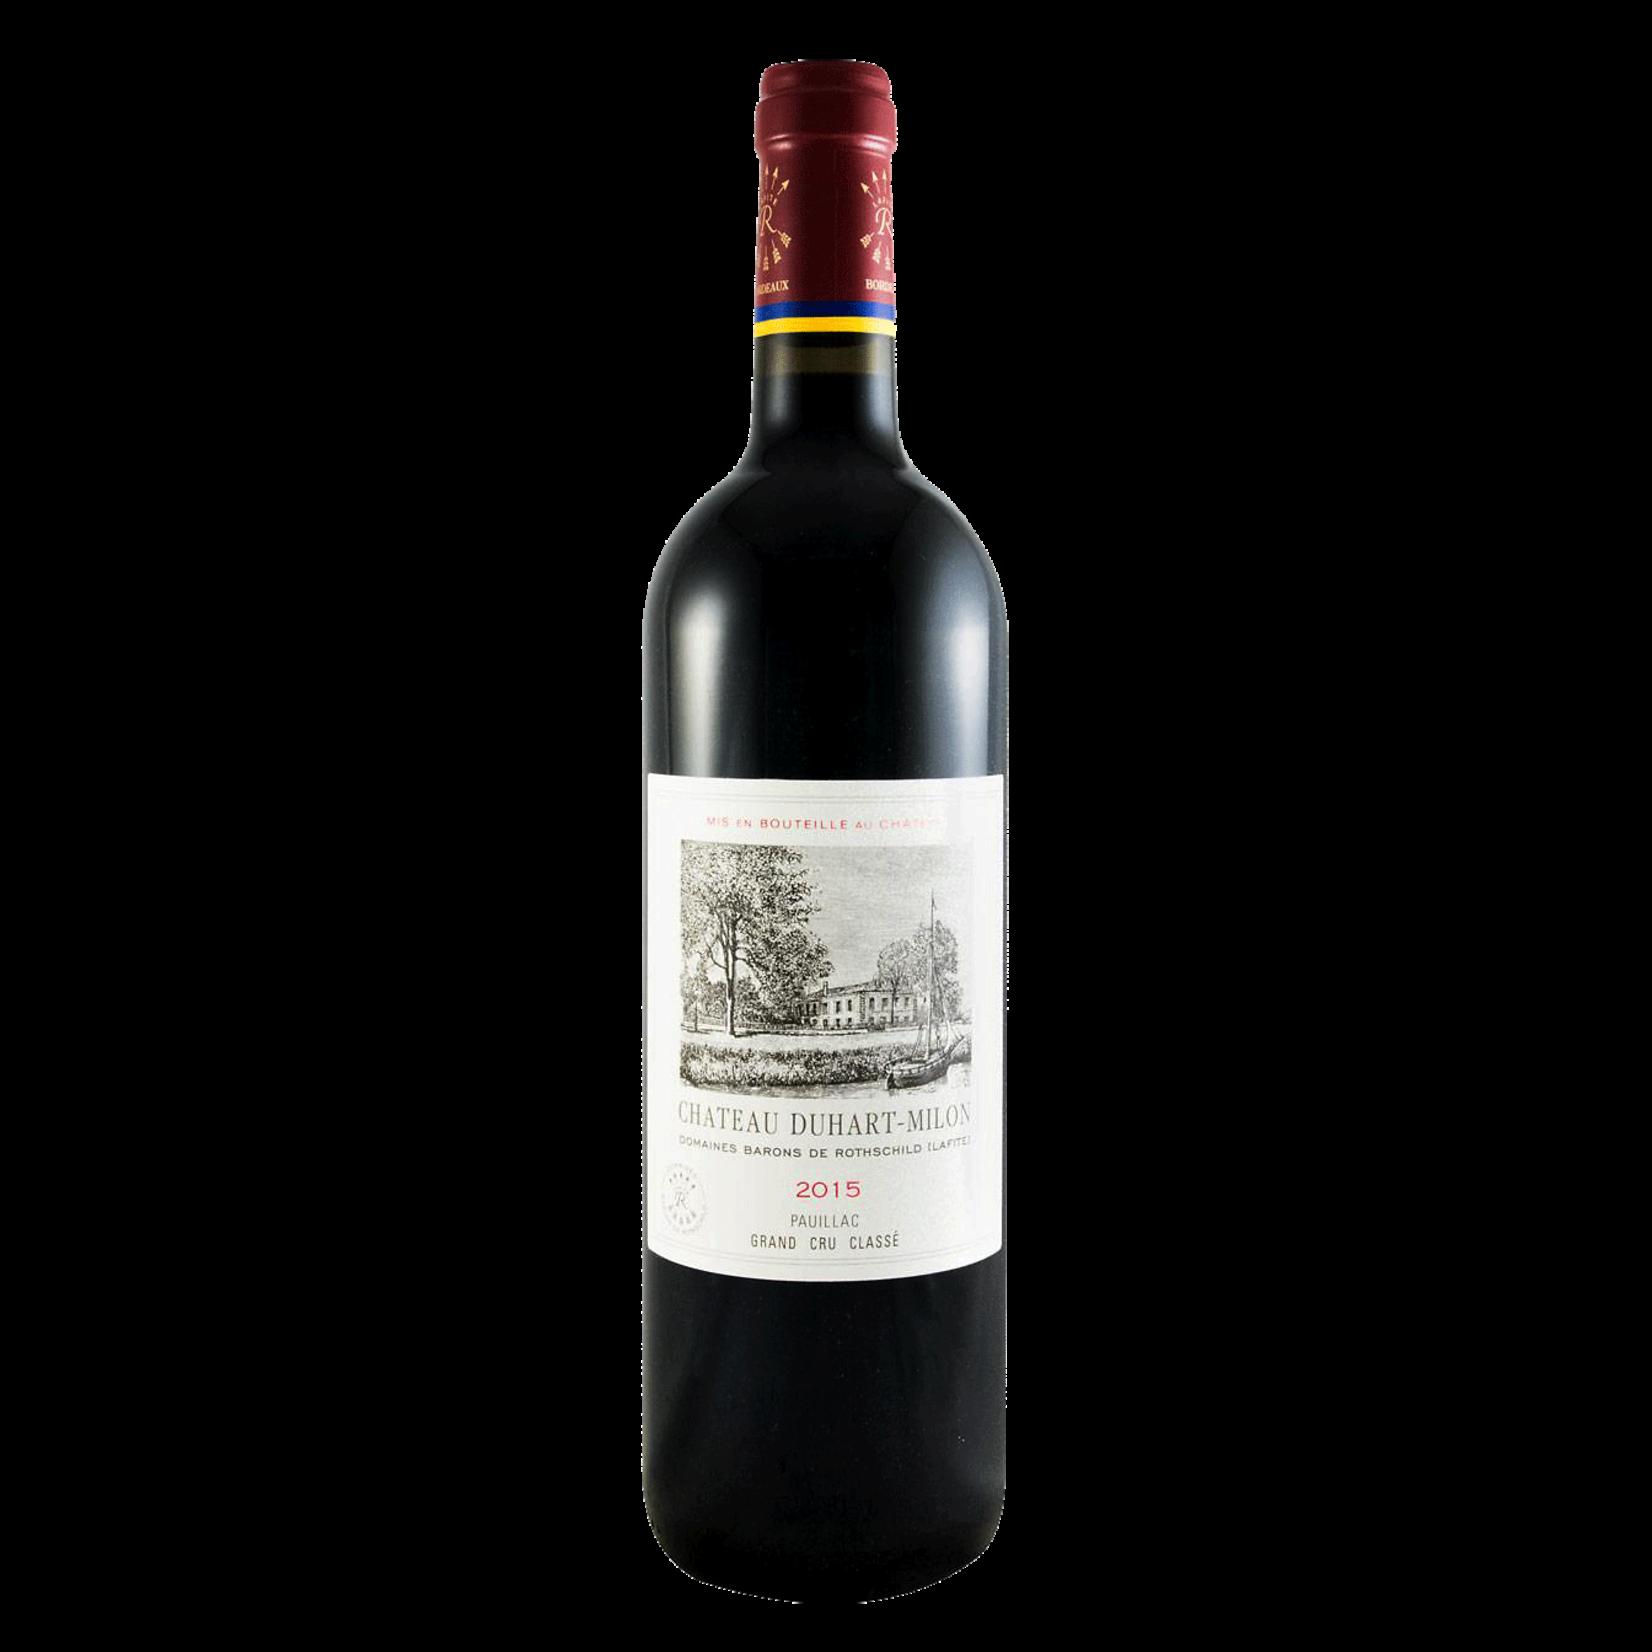 Wine Chateau Duhart Milon  2015